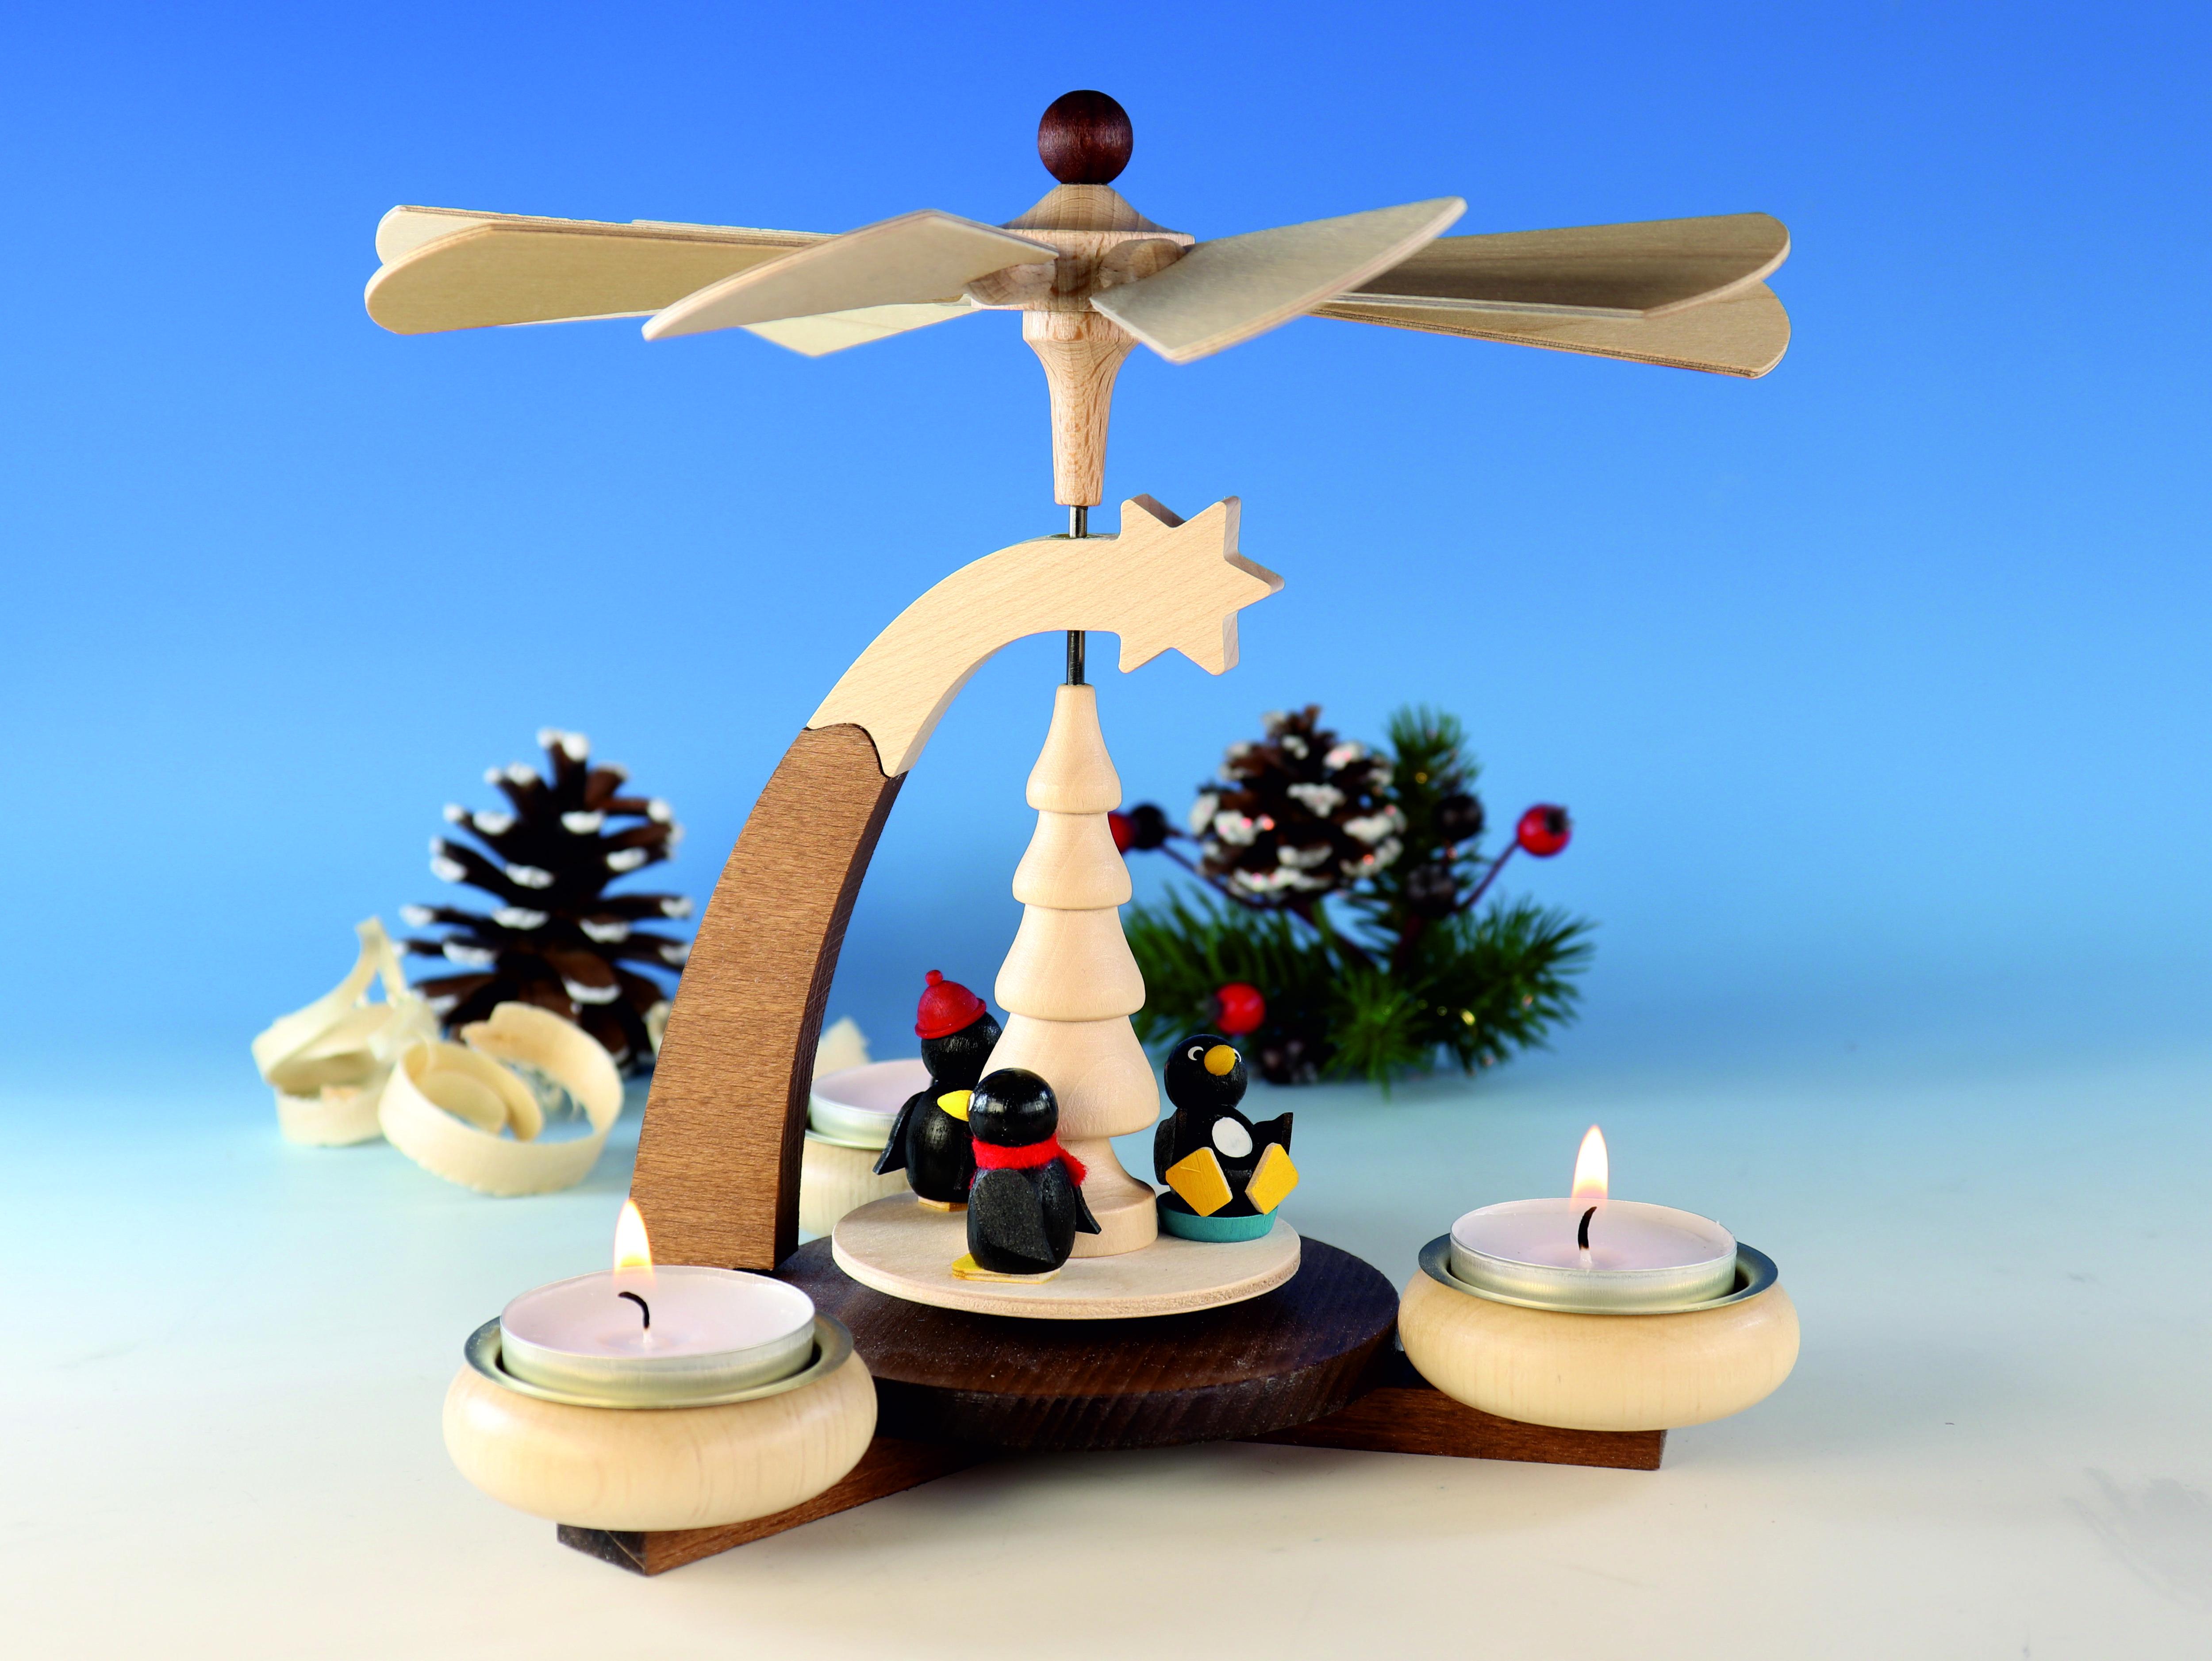 design-teelichtpyramide-braun-natur-und-tuellen-natur-mit--pinguine-fuer-3-teelichte-hoehe-19cm-20-ullrich-kunsthandwerk-paul-ullrich-volkskunstbestehen